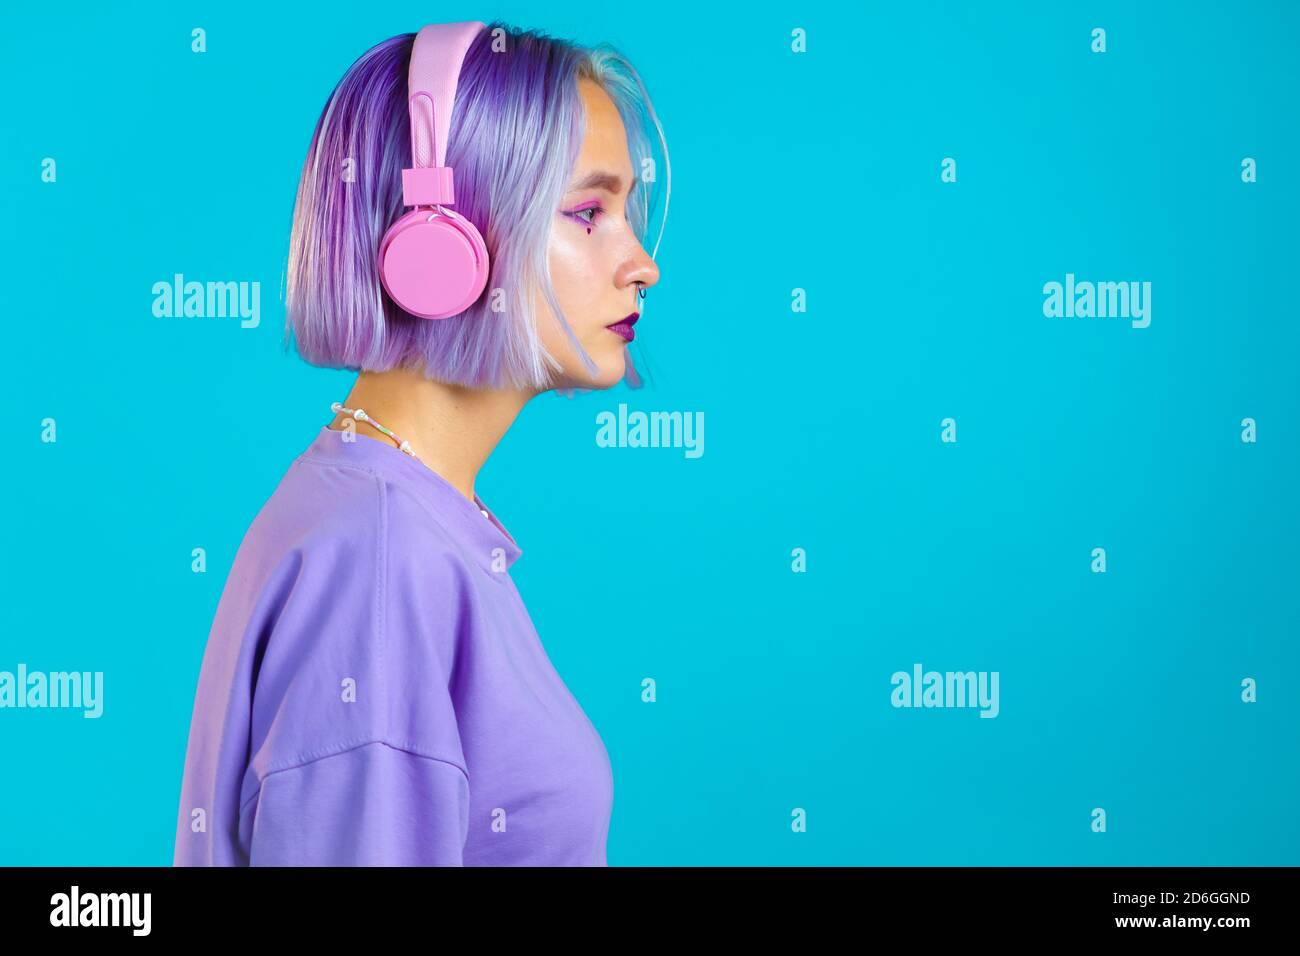 Jolie fille aux cheveux violets teints écoutant de la musique, souriant, dansant dans un casque en studio sur fond bleu. Musique, danse, concept radio Banque D'Images